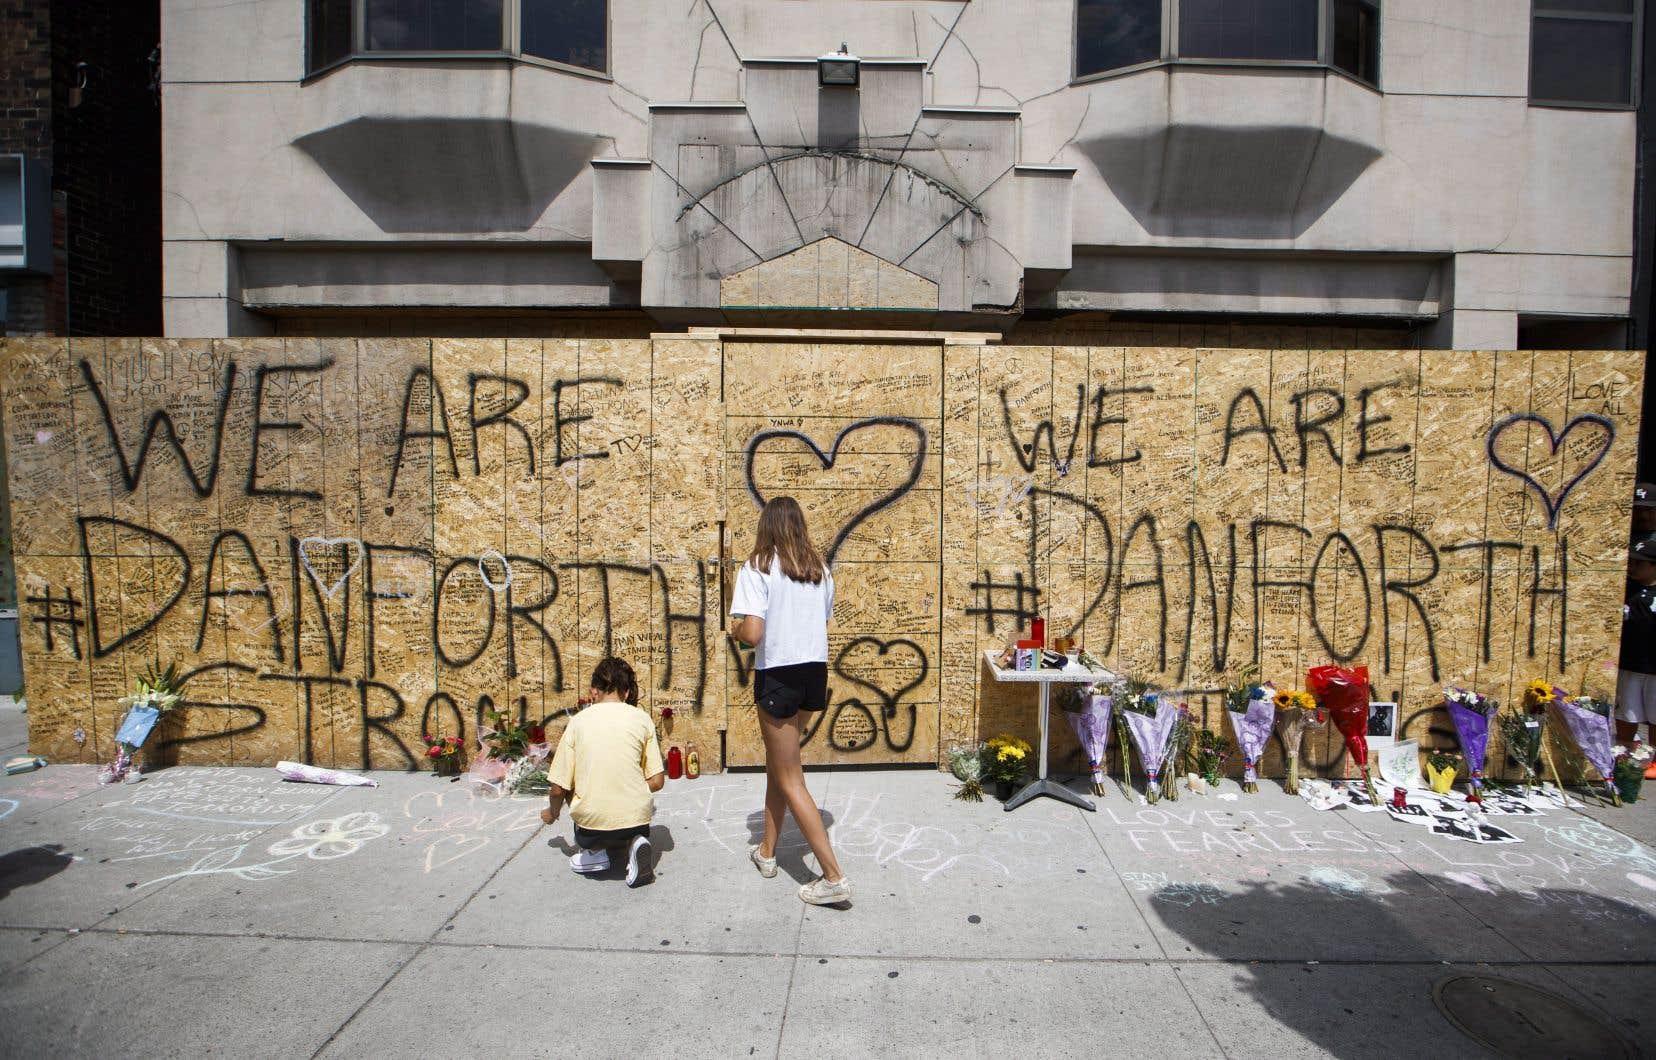 Des passants écrivent des messages sur un monument commémoratif improvisé en l'honneur des victimes de la fusillade de dimanche soir sur l'avenue Danforth.